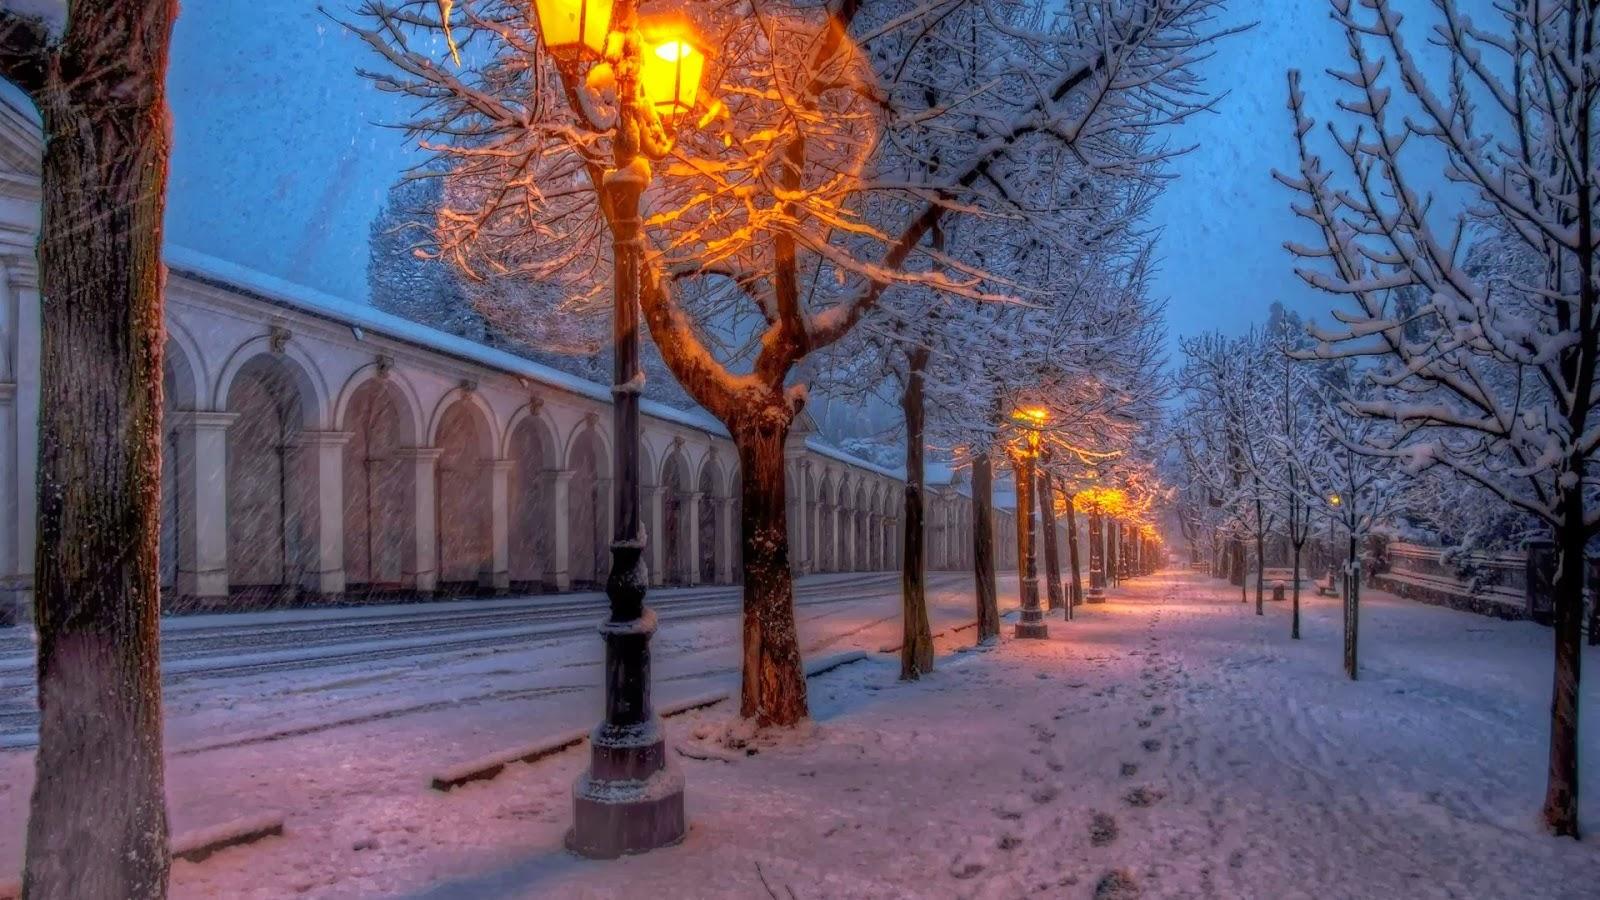 بالصور صور فصل الشتاء , اجمل صور للمطر و الطبيعه في الشتاء 1653 9